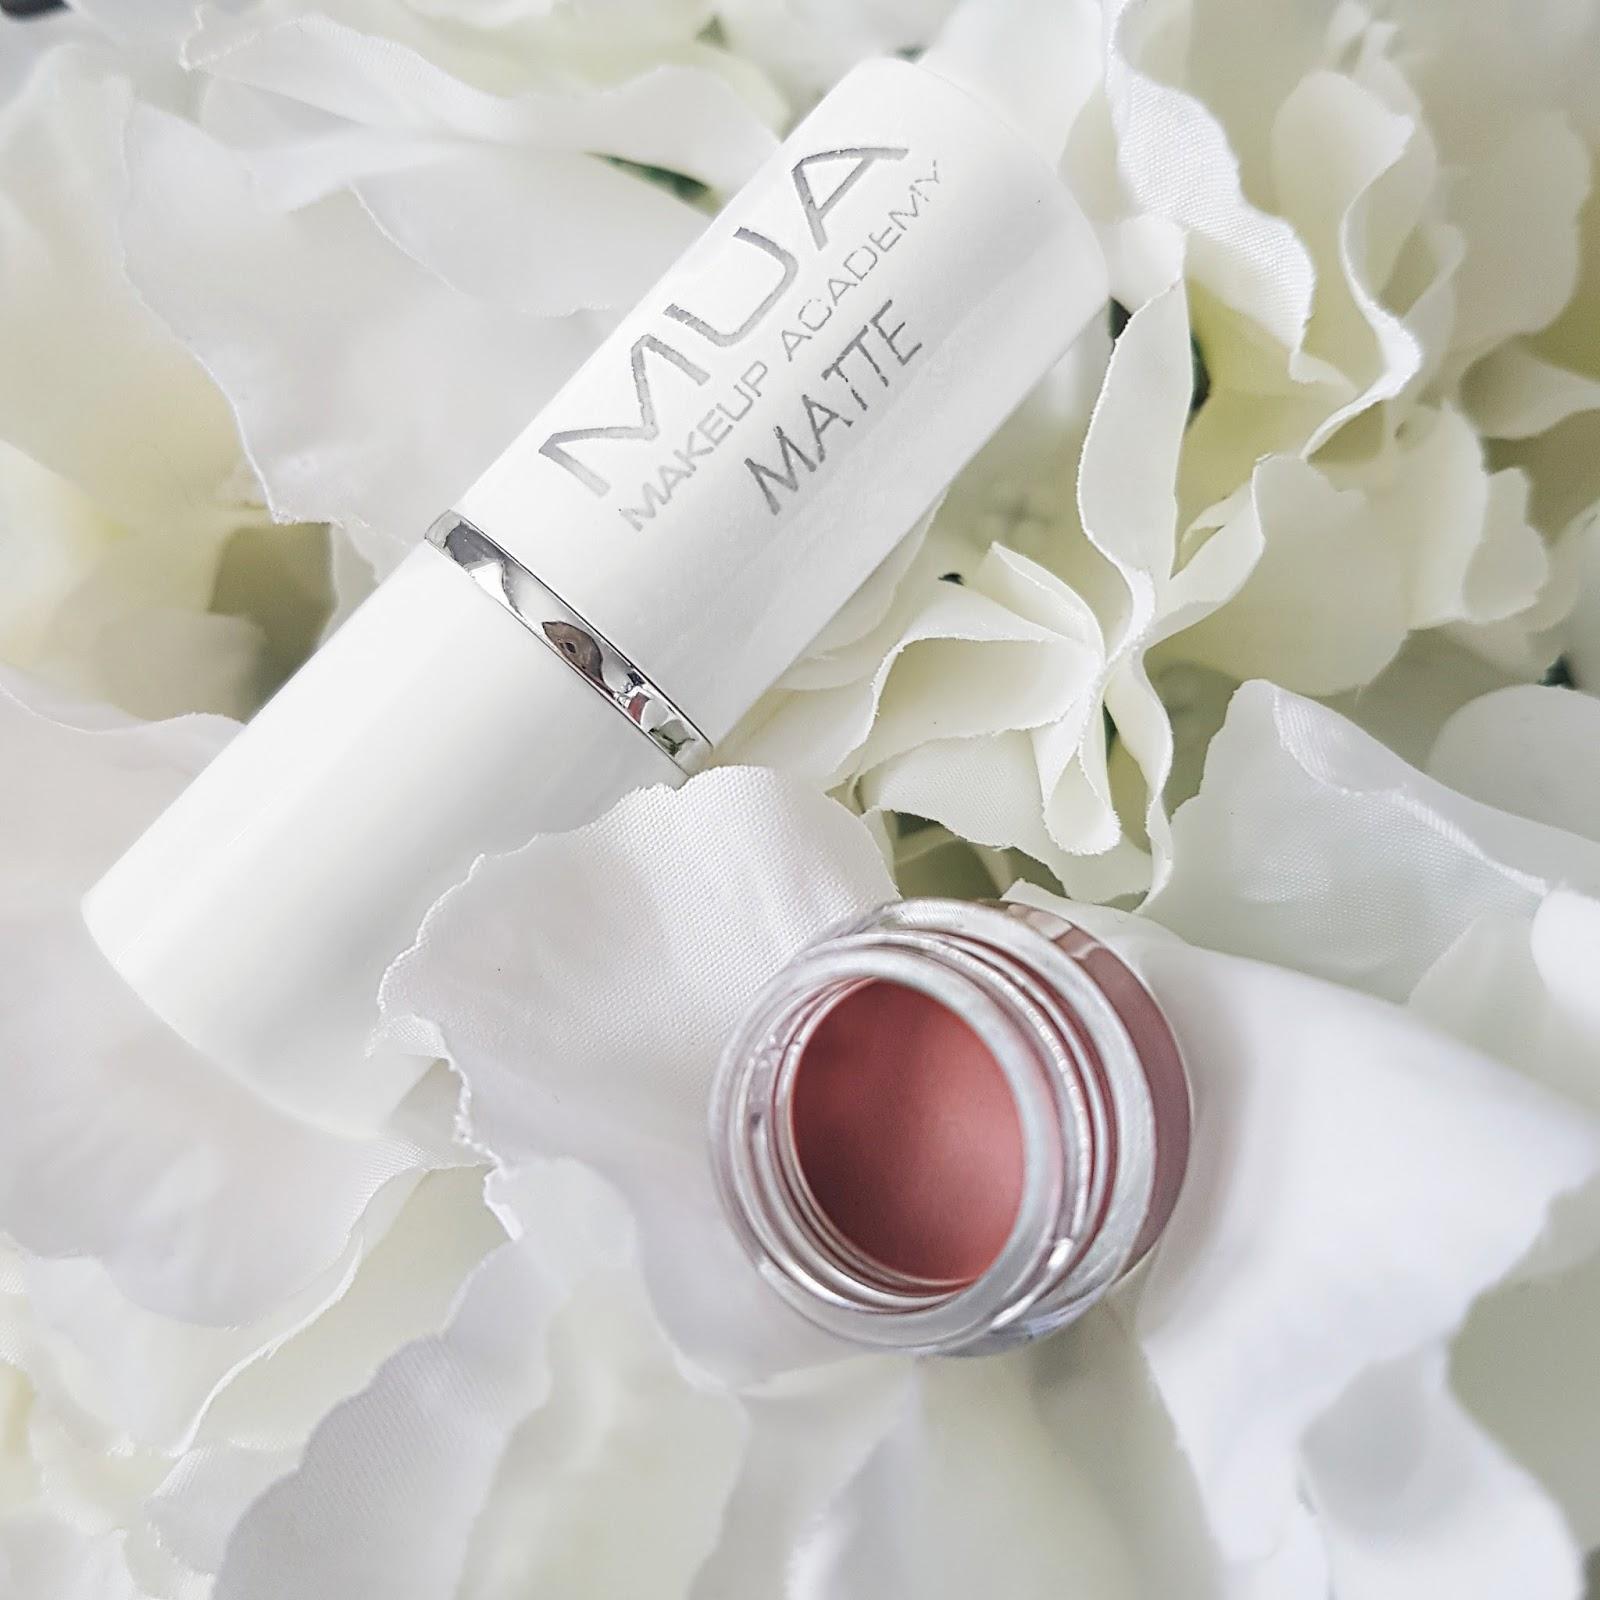 MUA Lipstick